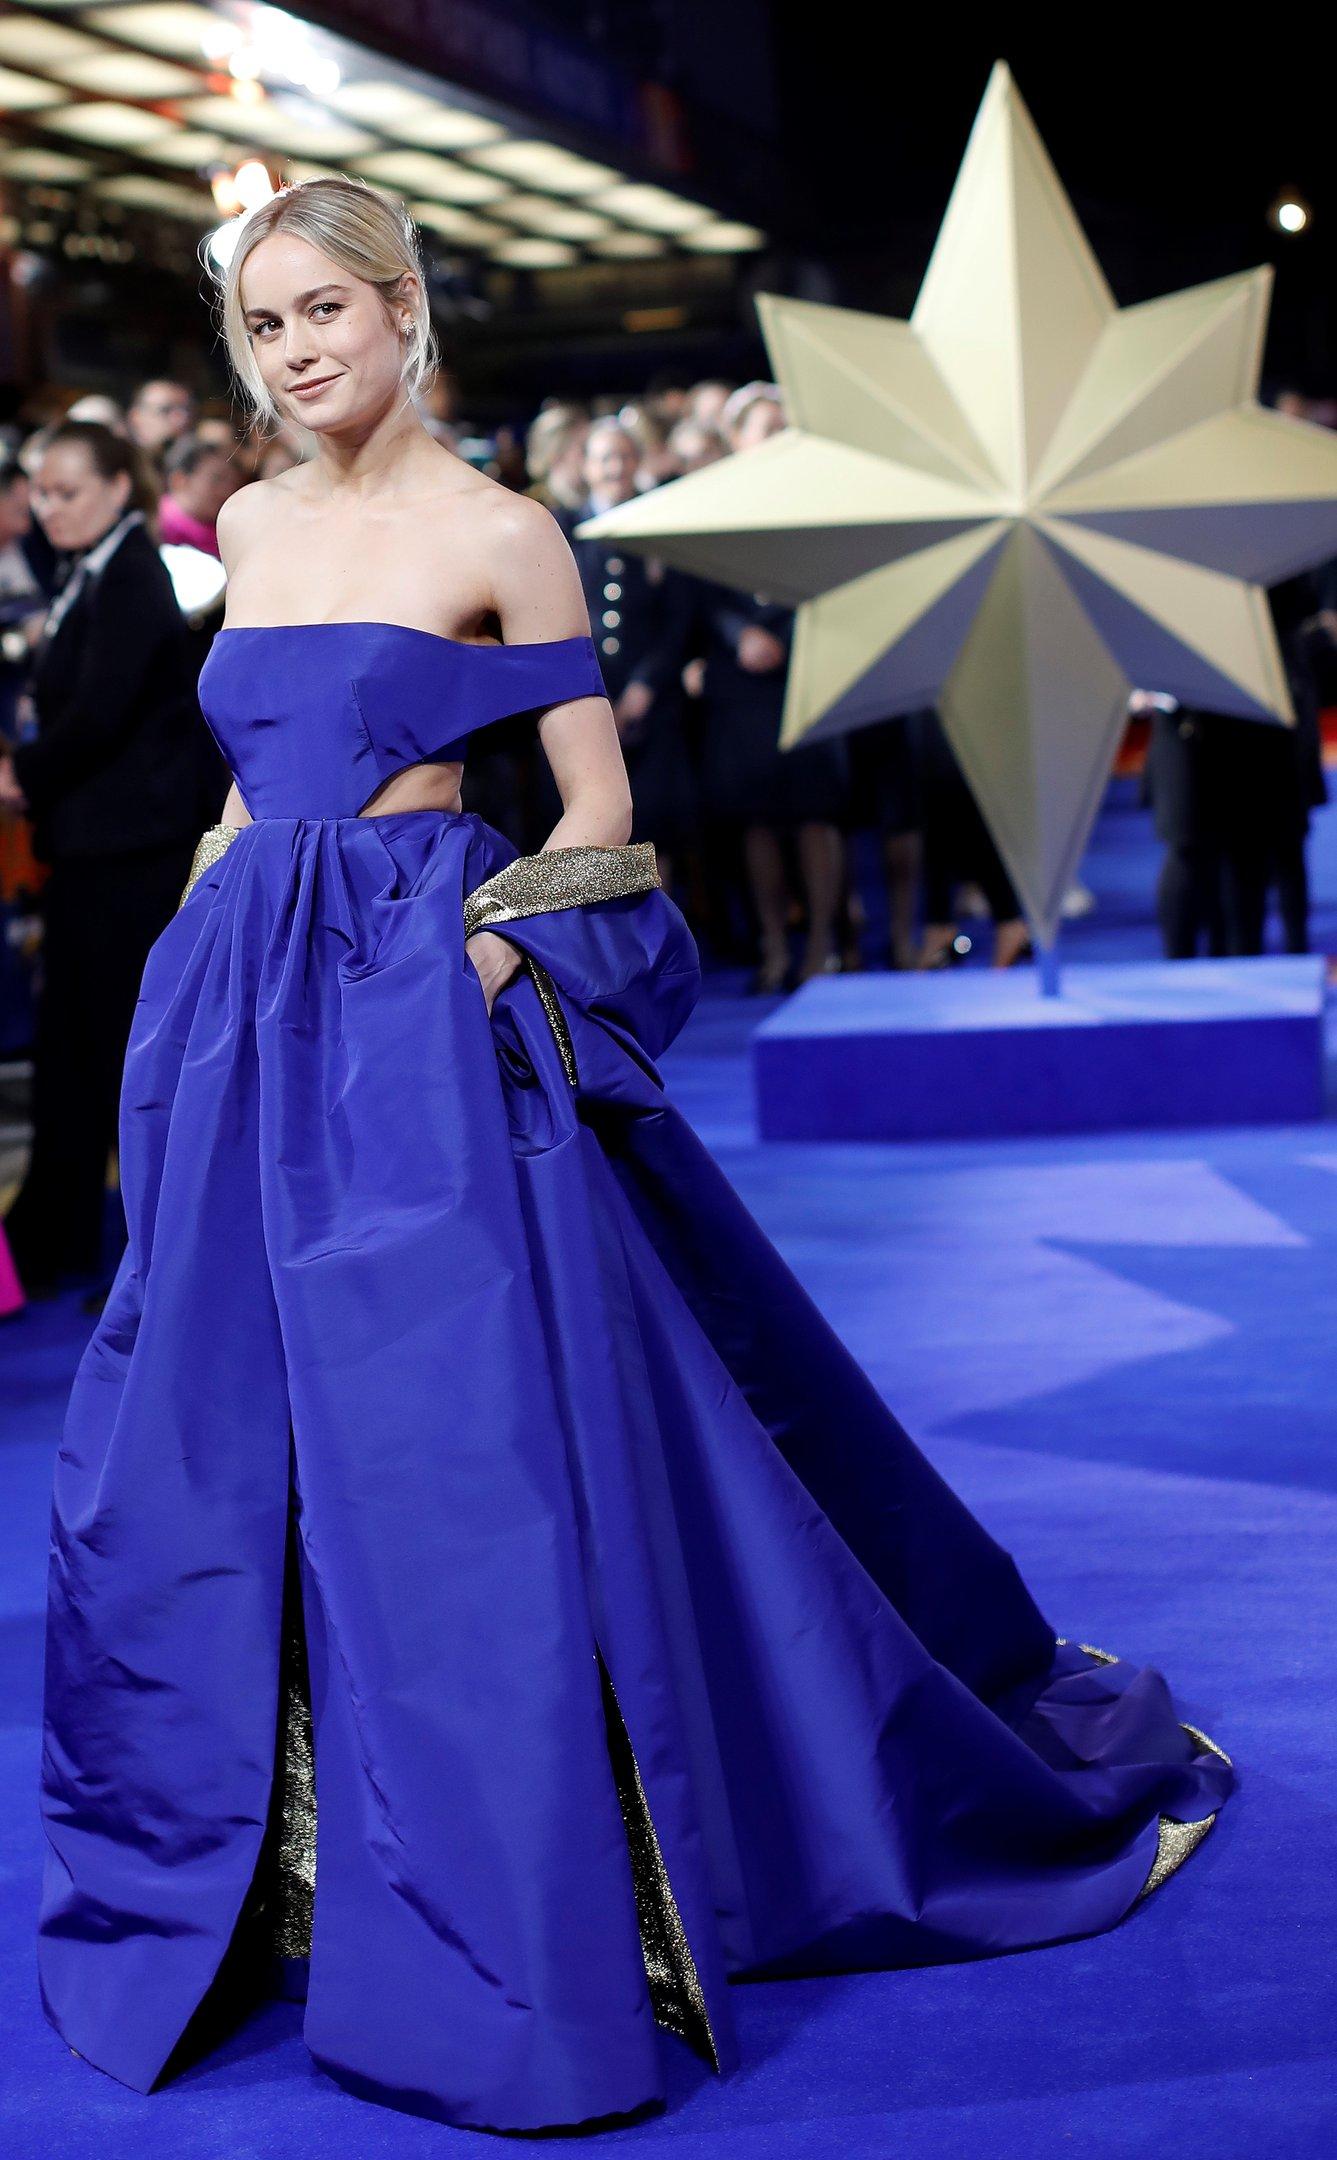 26859a964 Musica meu vestido azul - Vestidos caros 2019